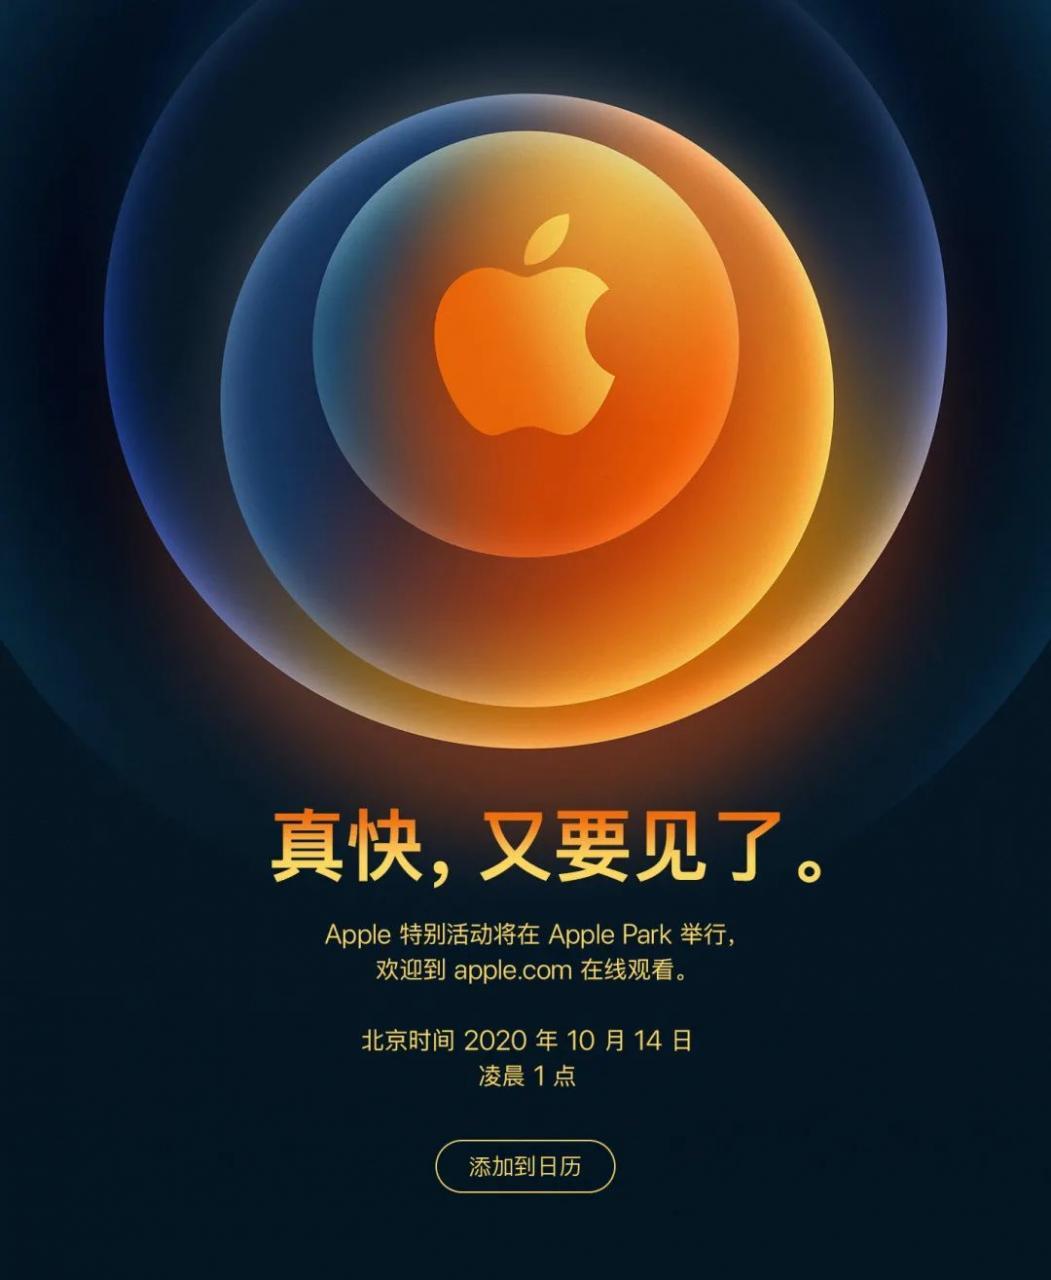 官宣! 苹果确定将于10月14日举行第二场秋季发布会-云奇网